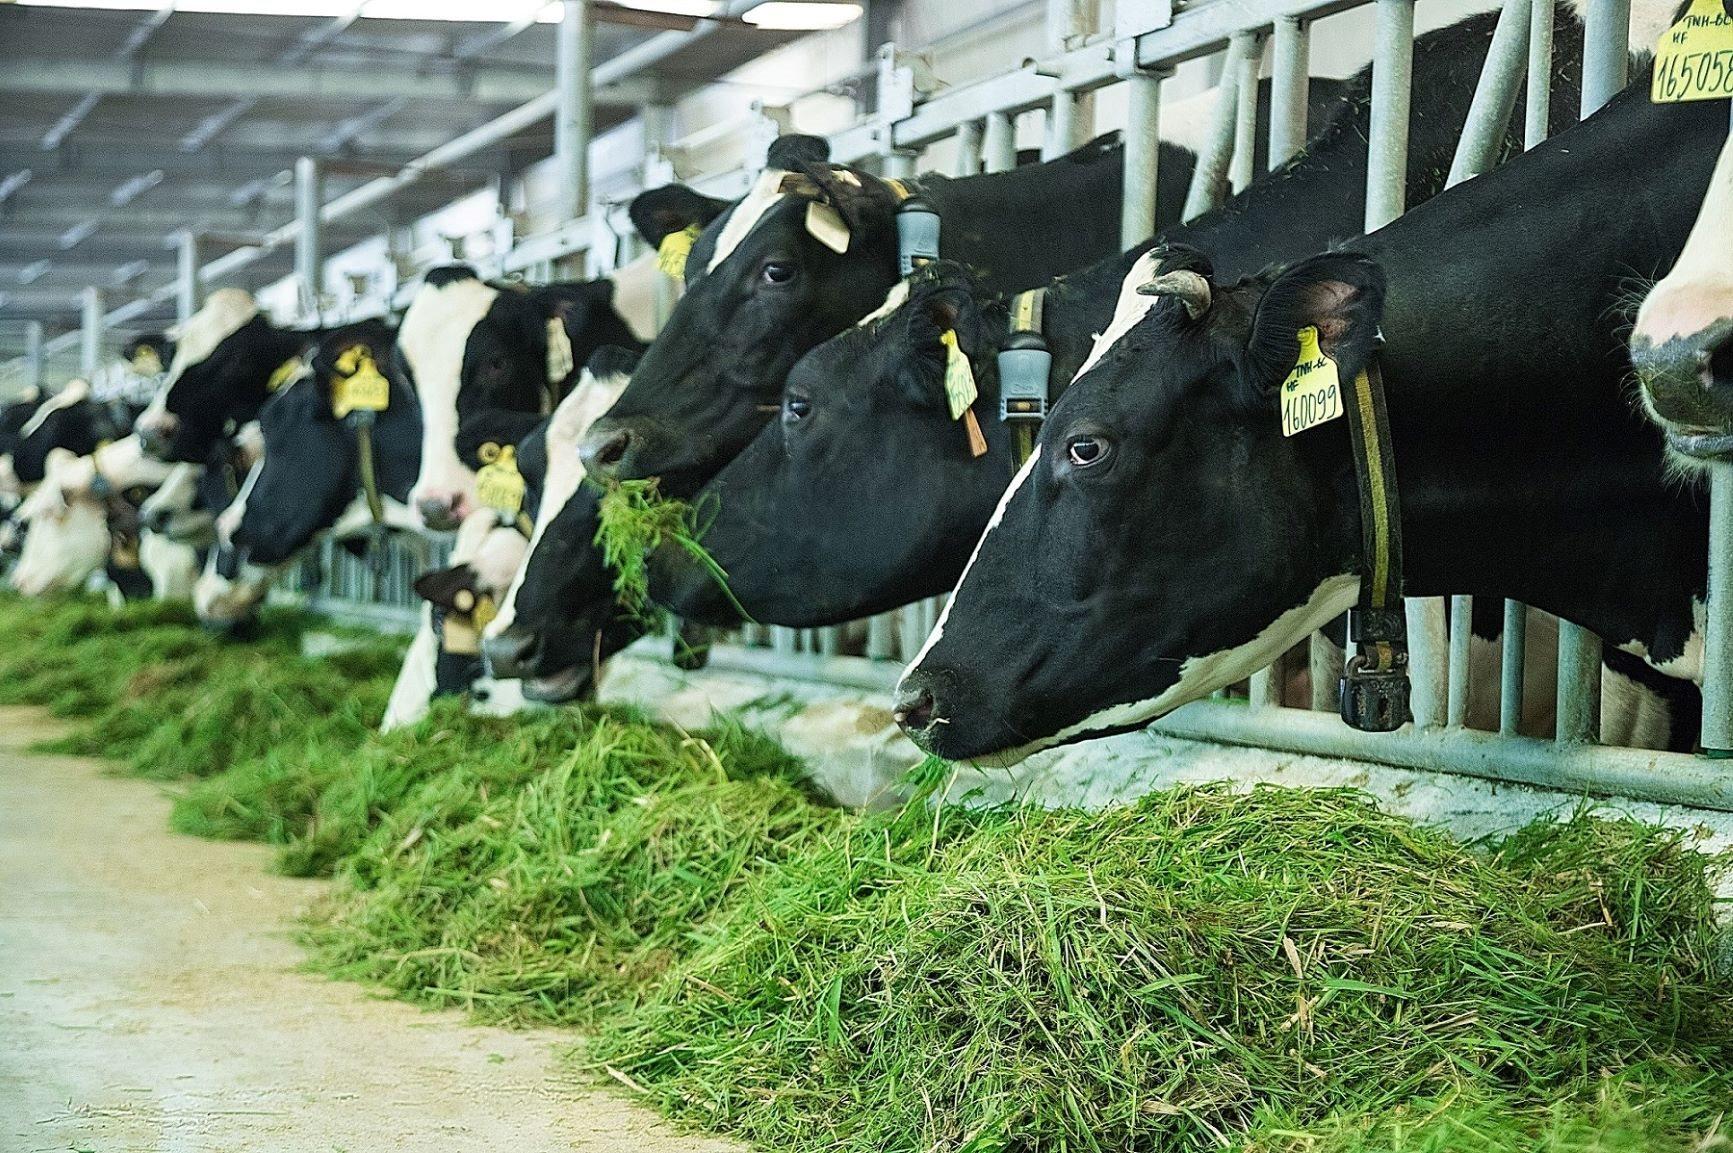 Vùng nguyên liệu sữa tươi lớn với 12 trang trại đạt chuẩn quốc tế góp phần giúp sản phẩm sữa tươi của Vinamilk dẫn đầu phân khúc trong nhiều năm liền